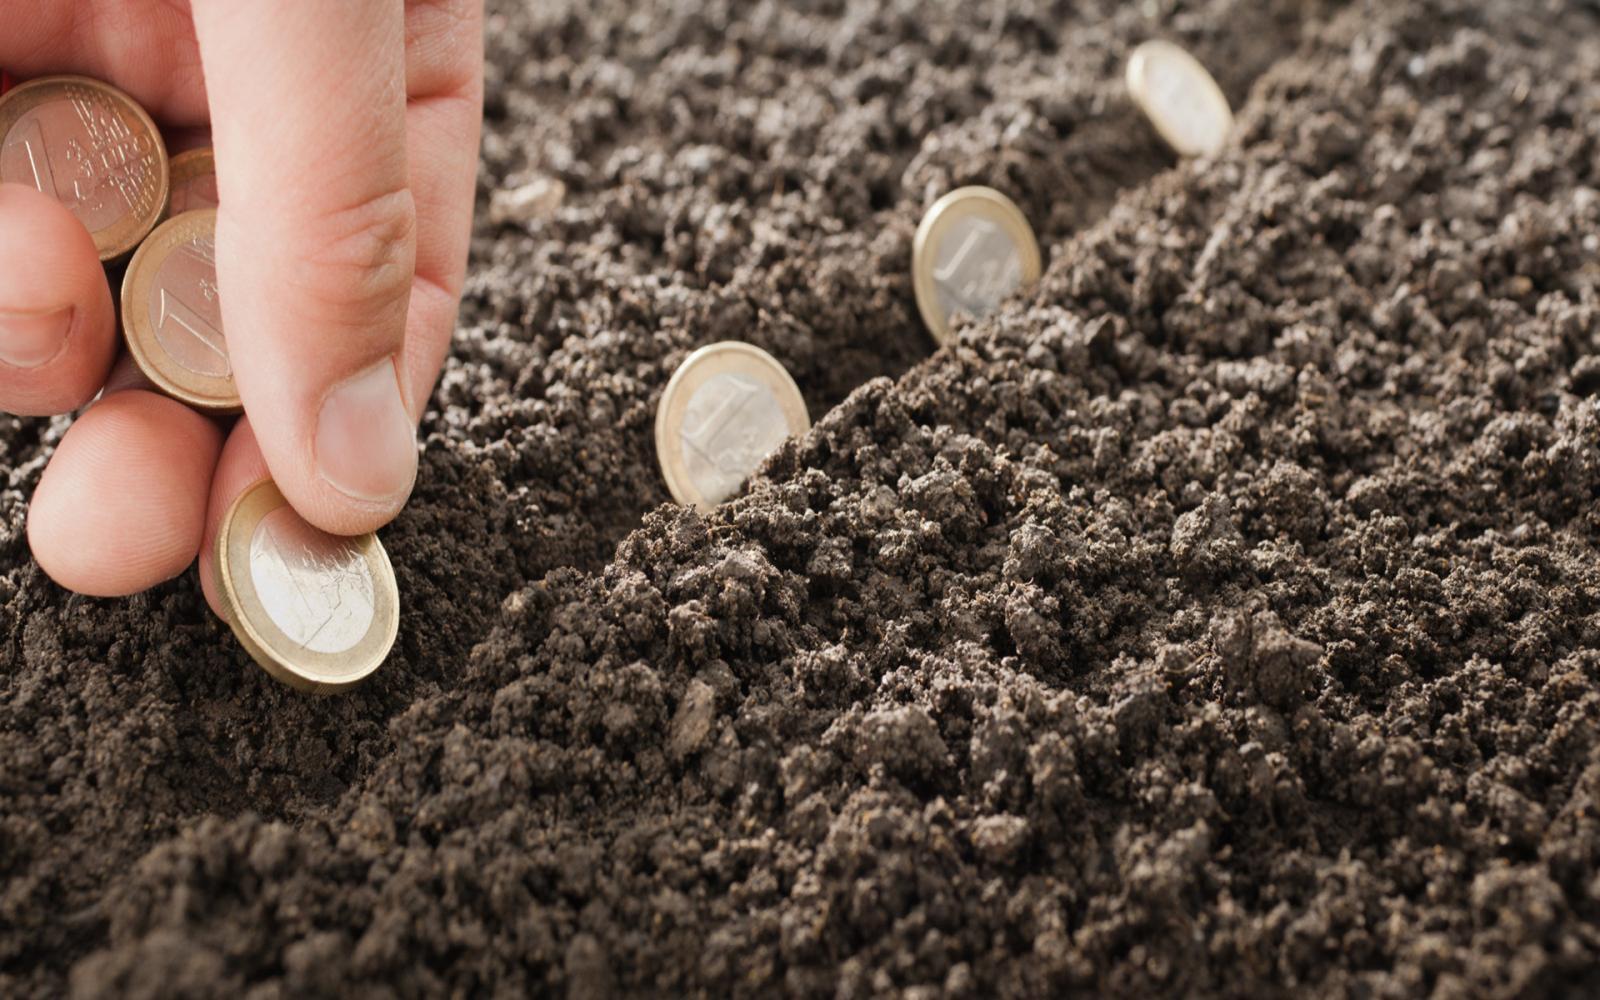 một người đang rải những đồng xu xuống đất